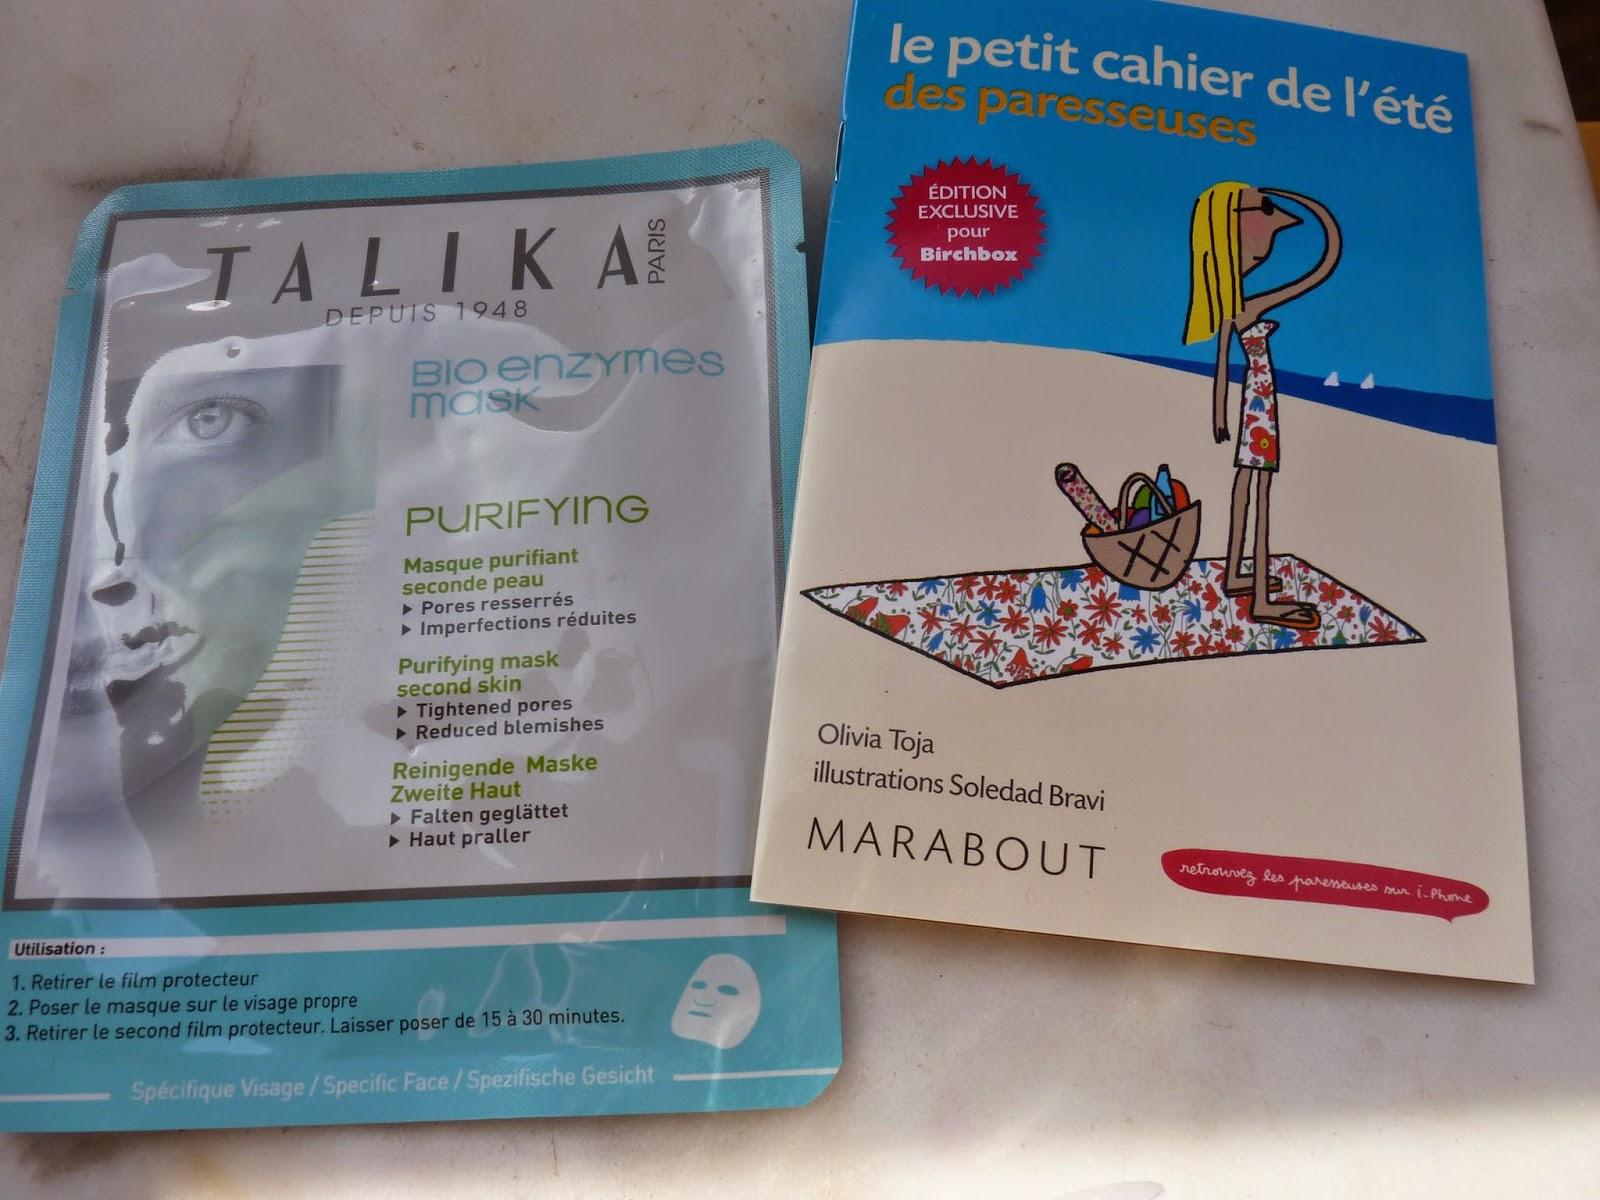 masque en tissus, Talika, les paresseuses, cahier des paresseuses, cahier de l'été des paresseuses, birchbox, juin 2014,